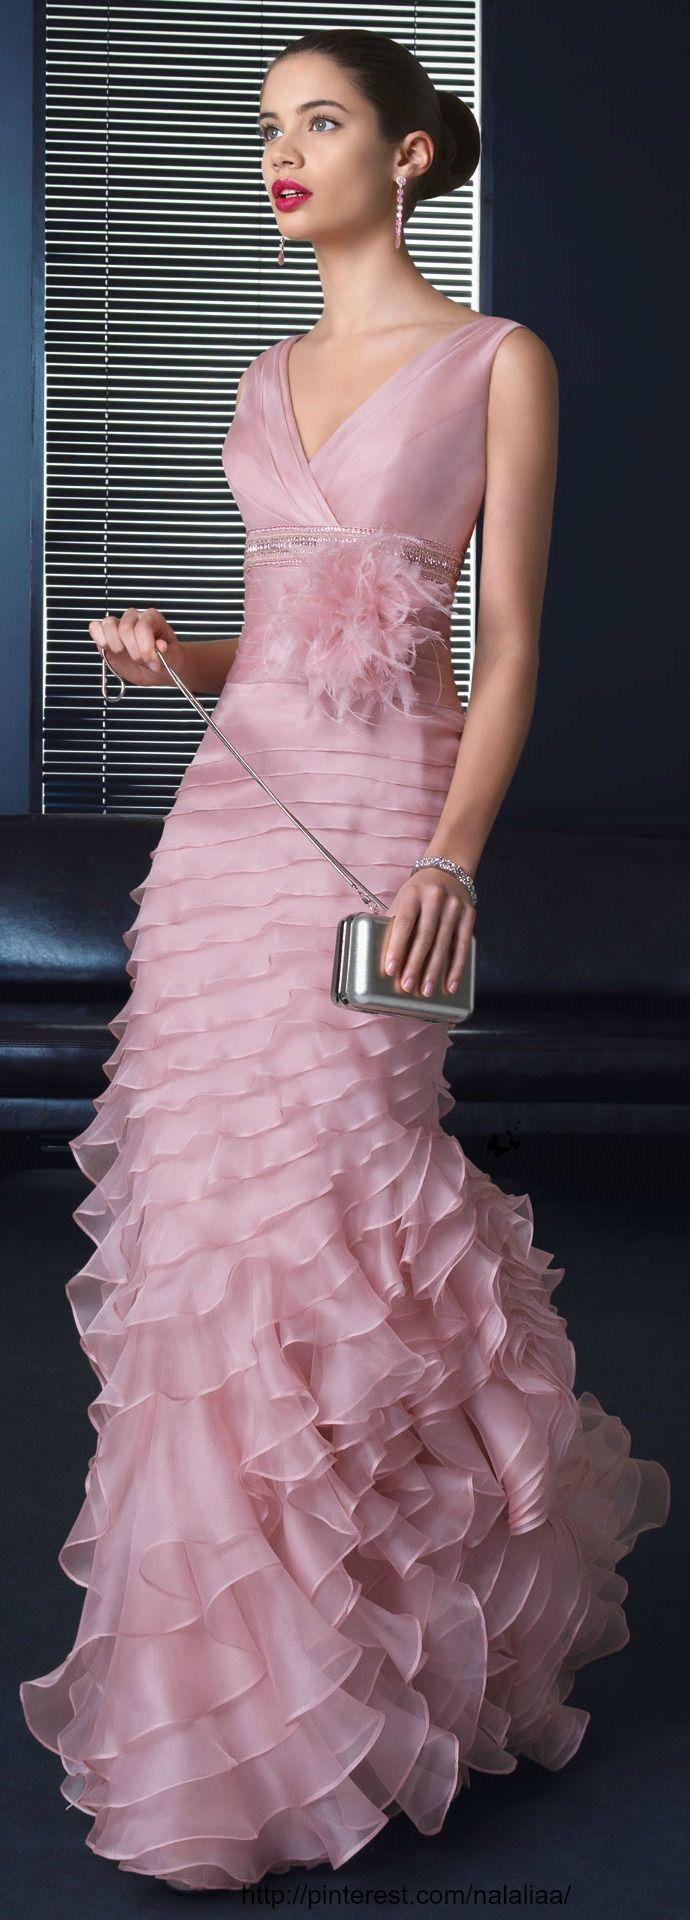 100 besten Abendkleider Bilder auf Pinterest | Rüschen, Abendkleid ...